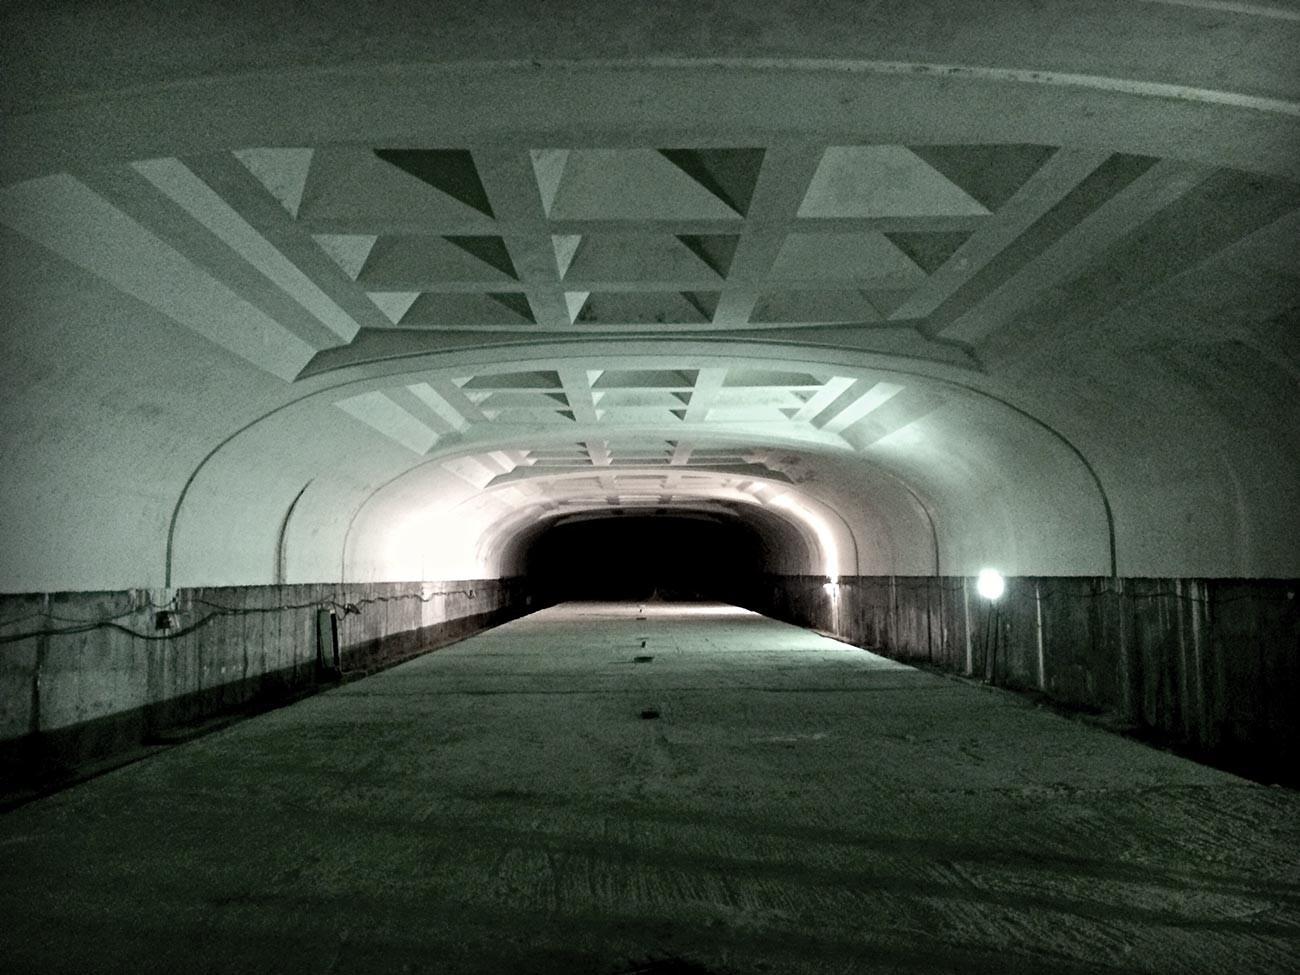 Podzemna postaja Biblioteka imeni Puškina v Omsku od znotraj.